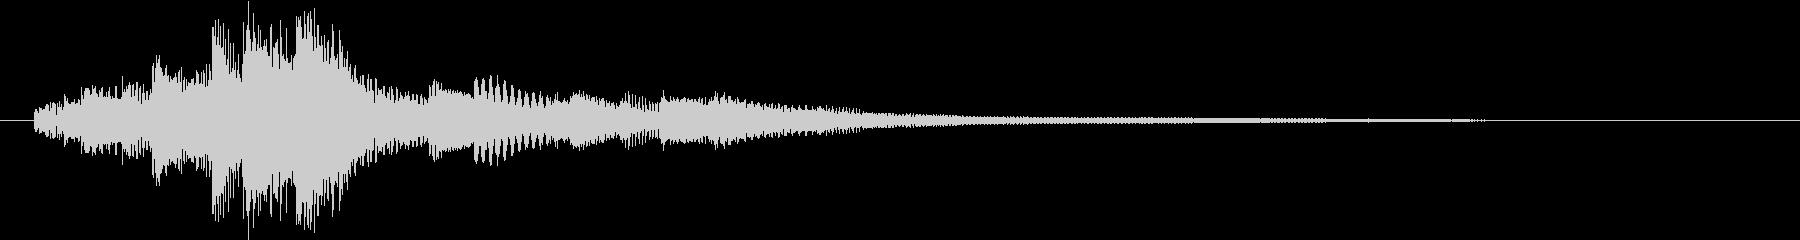 優しいふんわりとした ピアノのジングルの未再生の波形